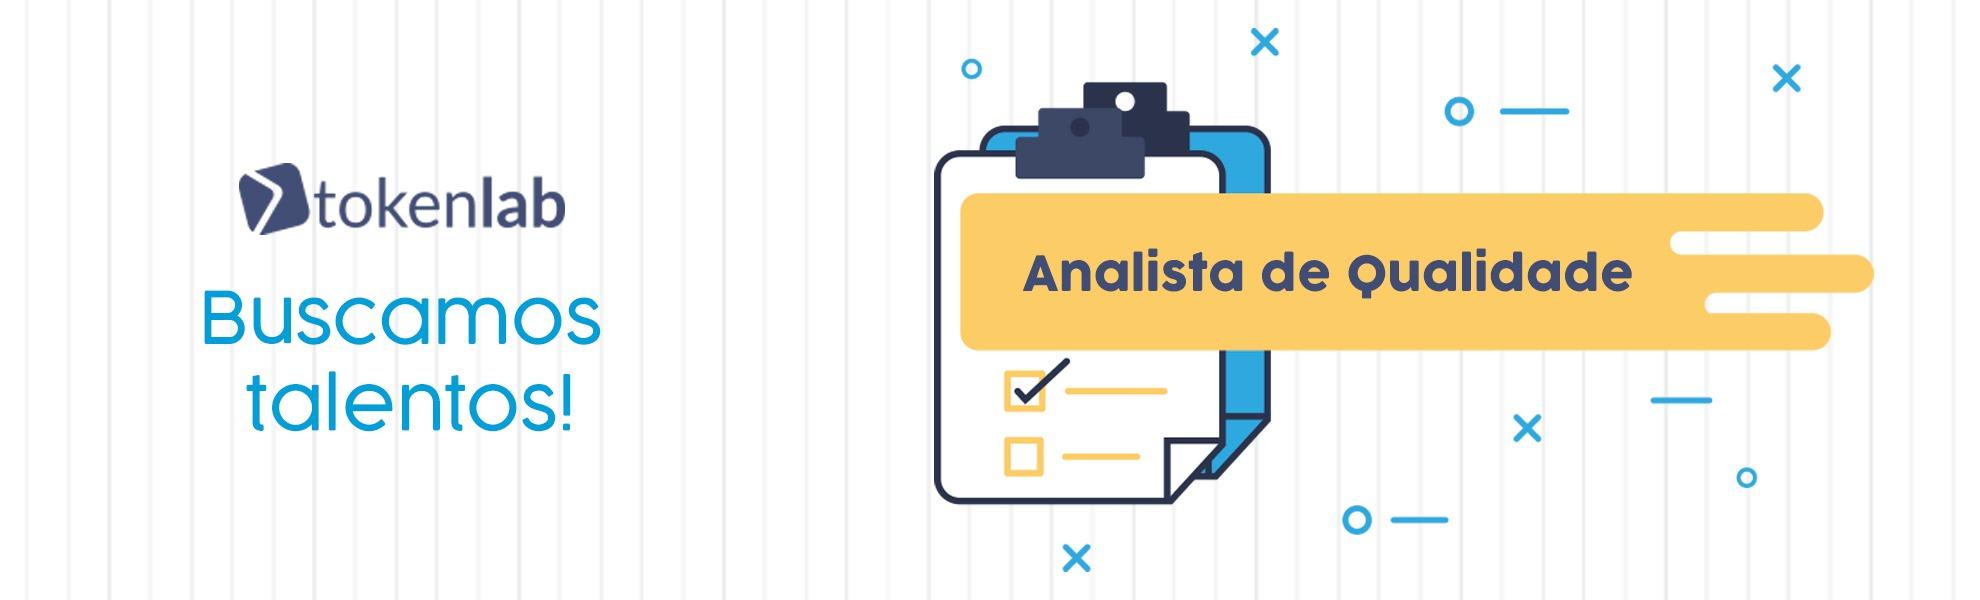 Analista de Qualidade - Banco de Talentos